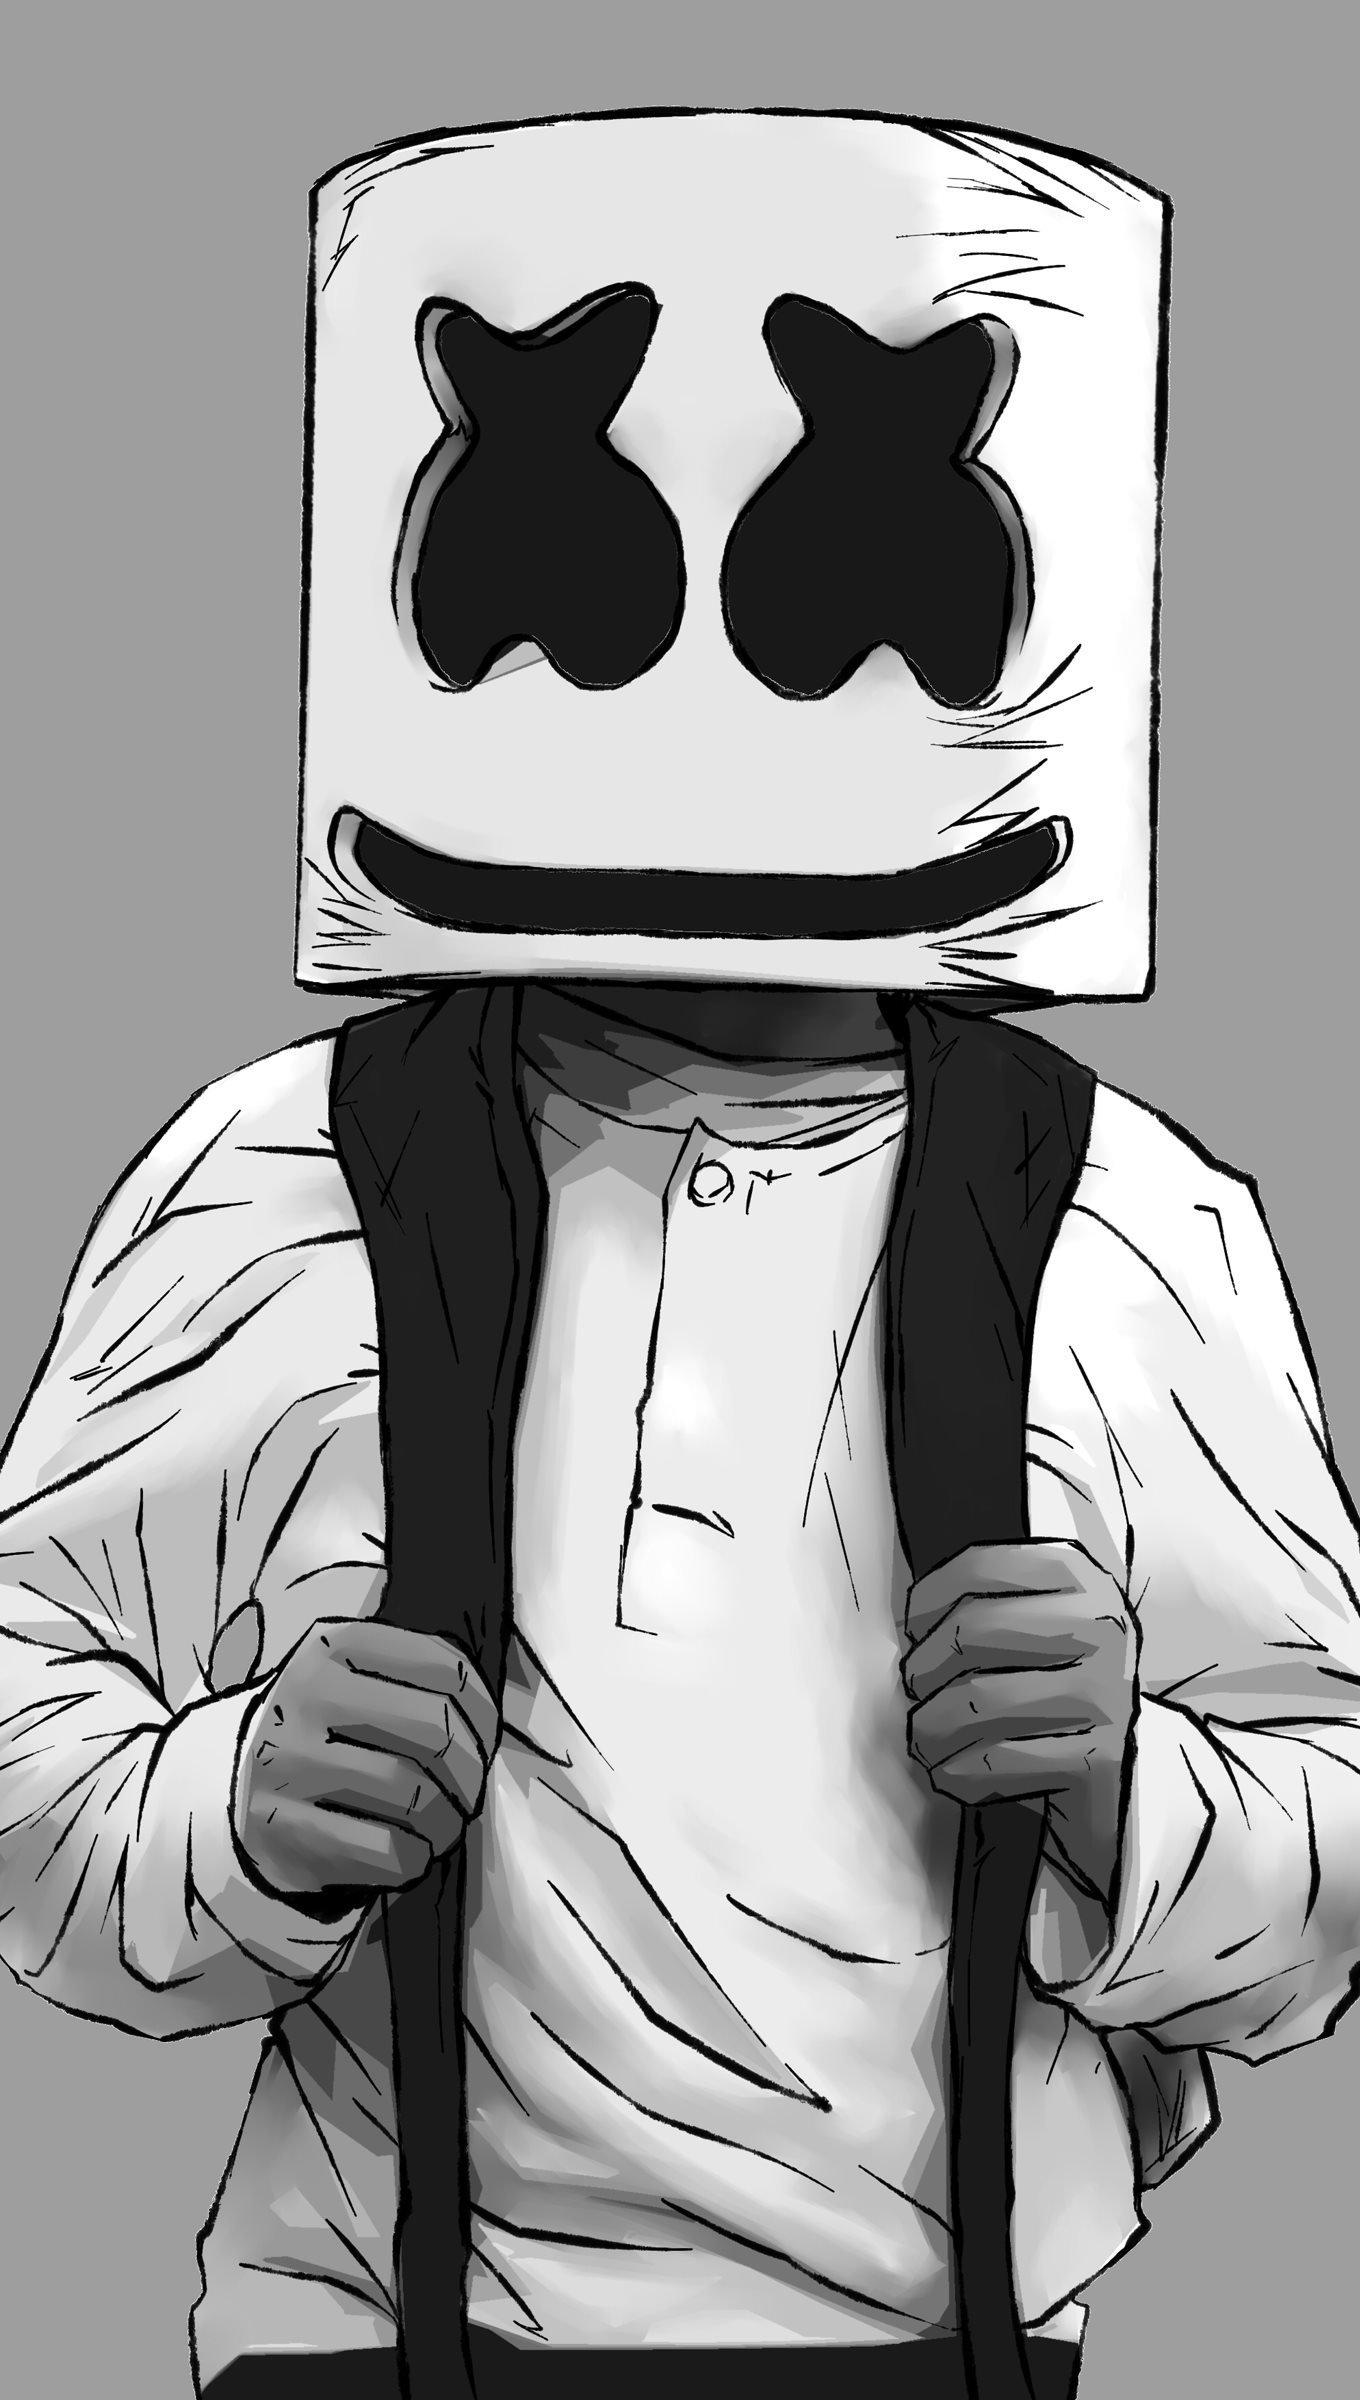 Wallpaper DJ Marshmello 2d illustration Vertical